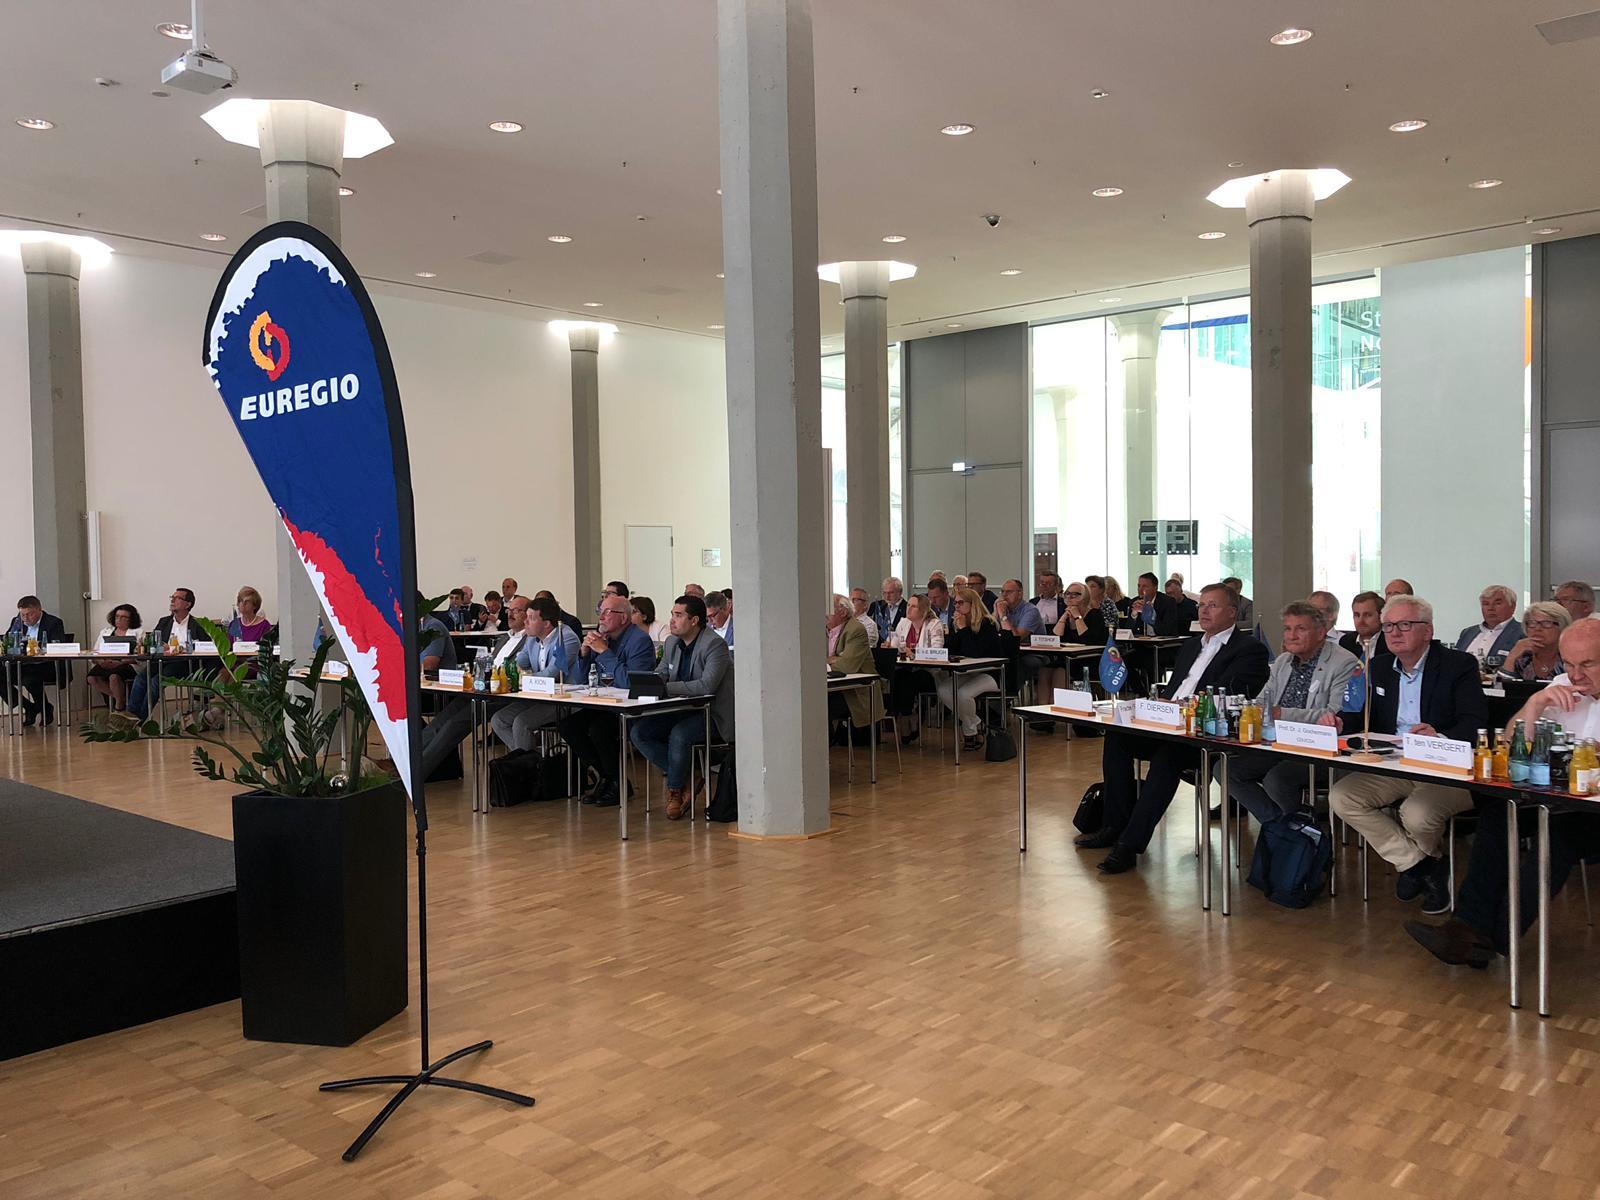 Positieve ontwikkelingen centraal tijdens EUREGIO-raadsvergadering